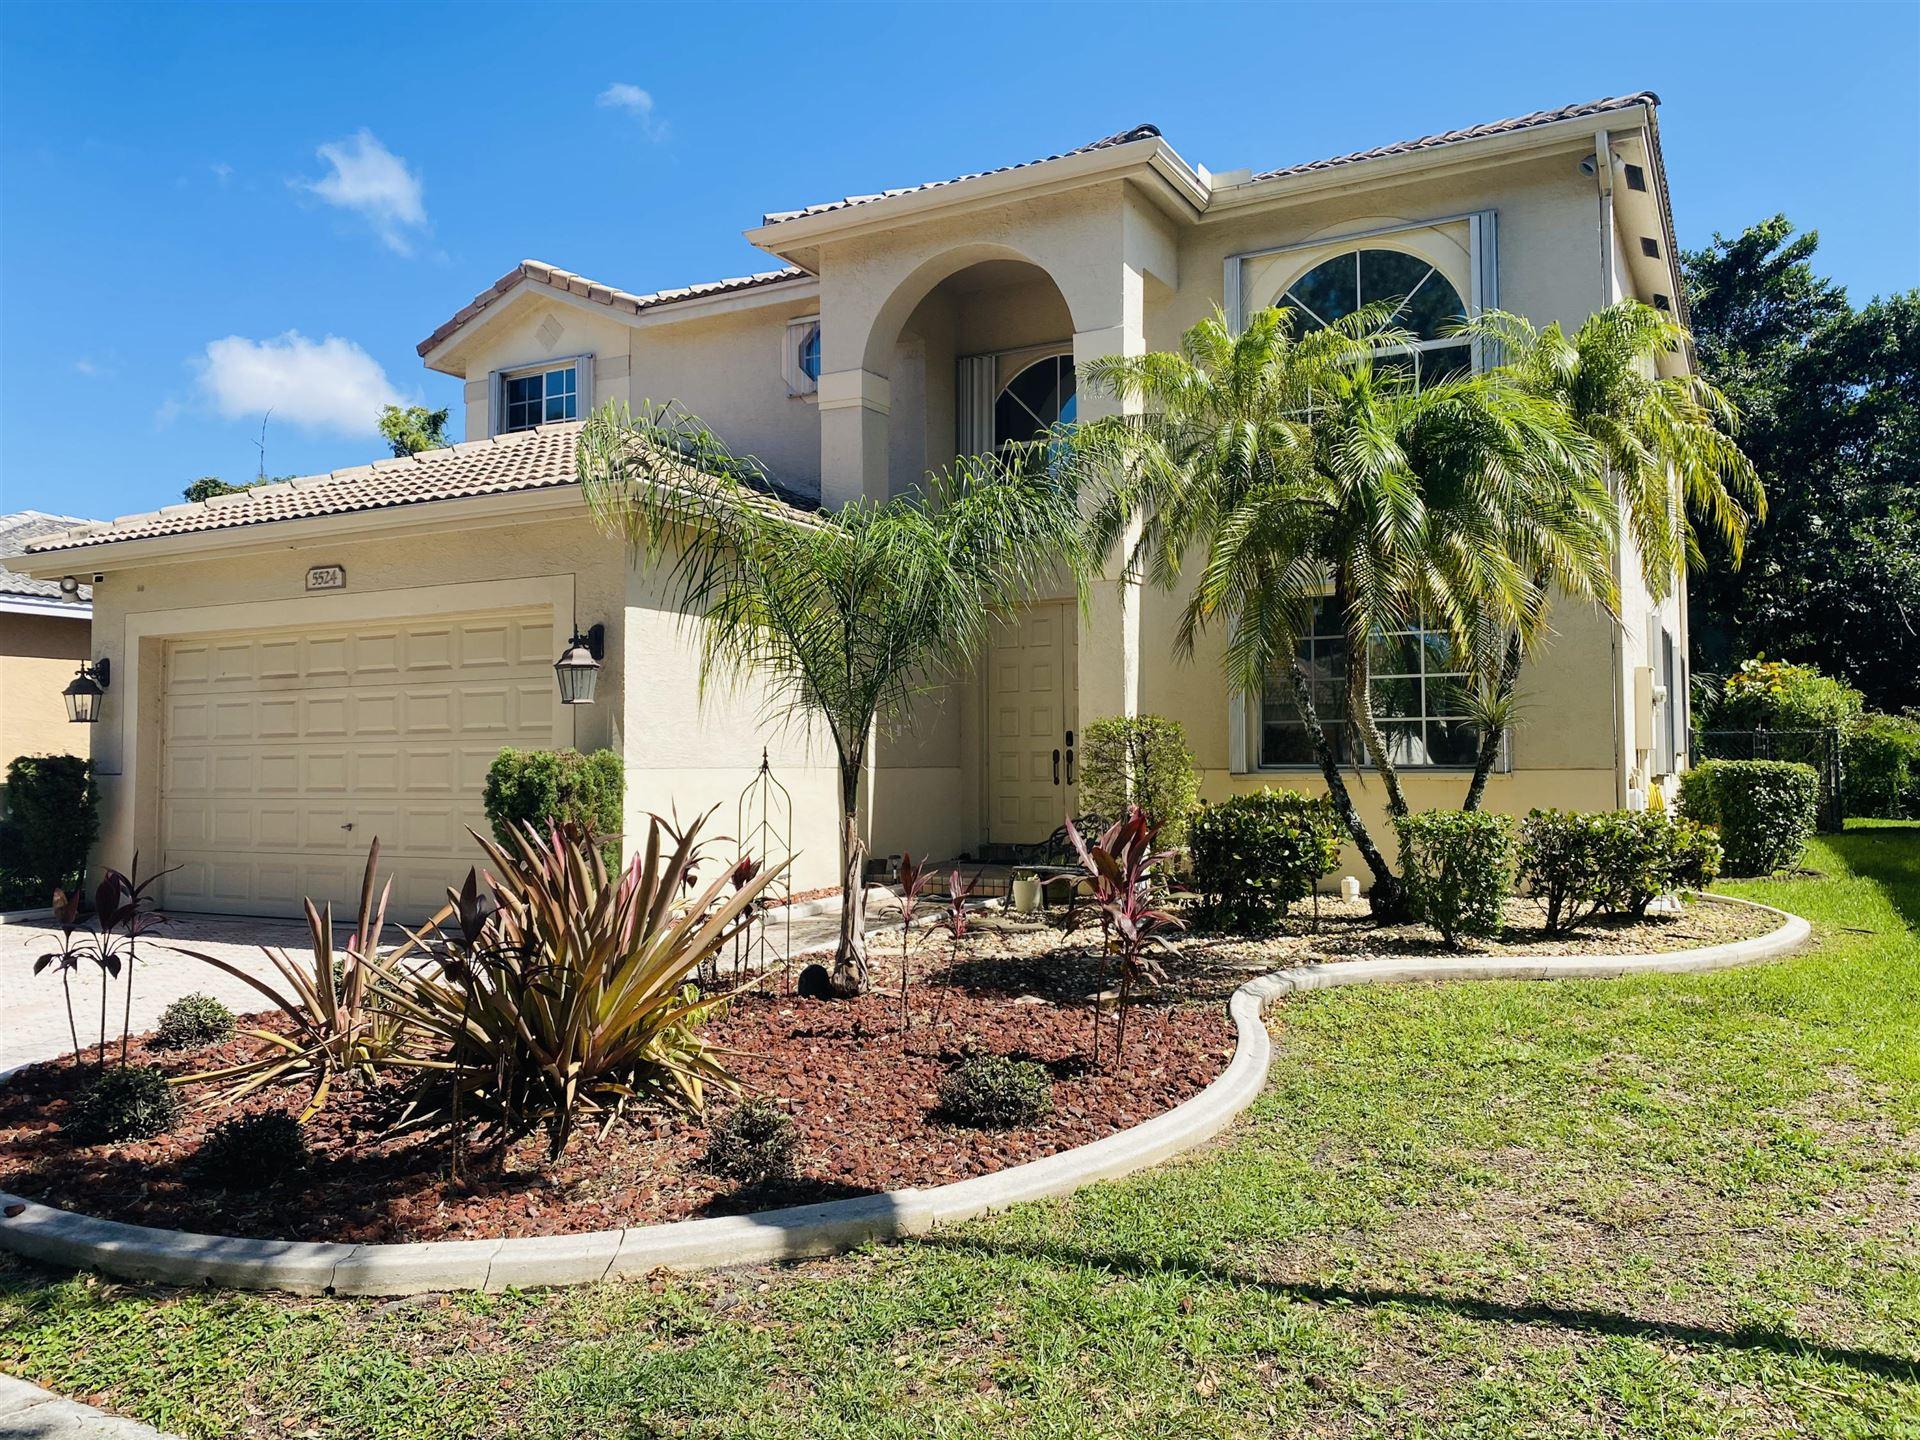 5524 Lake Tern Court, Coconut Creek, FL 33073 - MLS#: RX-10732553